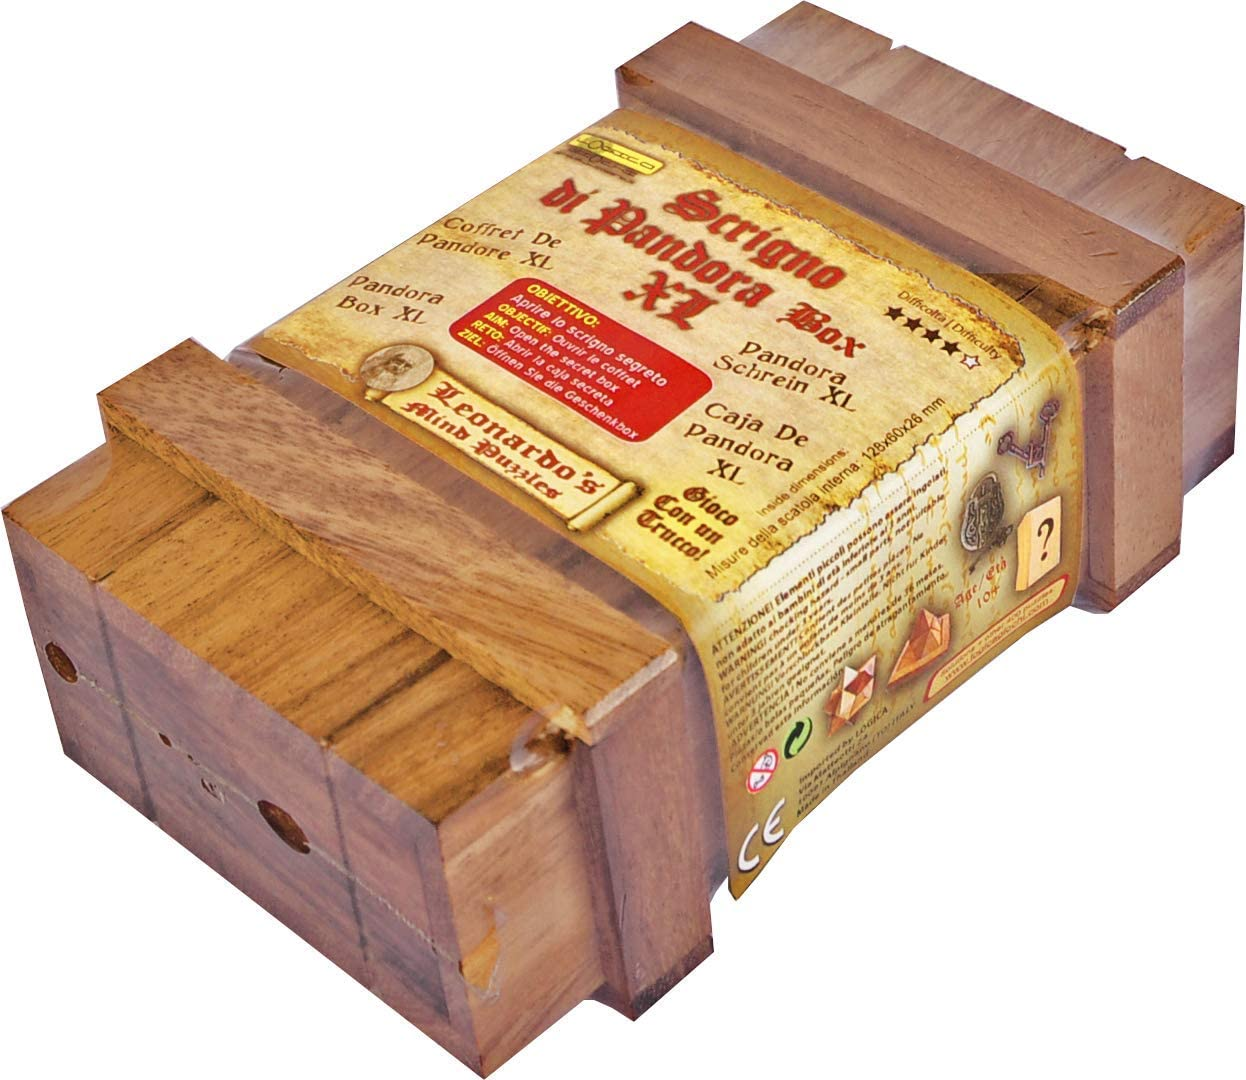 LOGICA GIOCHI Art. Caja de Pandora XL - Caja Secreta - Dificultad Difícil 3/6 - Rompecabezas De Madera Preciosa - Colección Leonardo da Vinci: Amazon.es: Juguetes y juegos